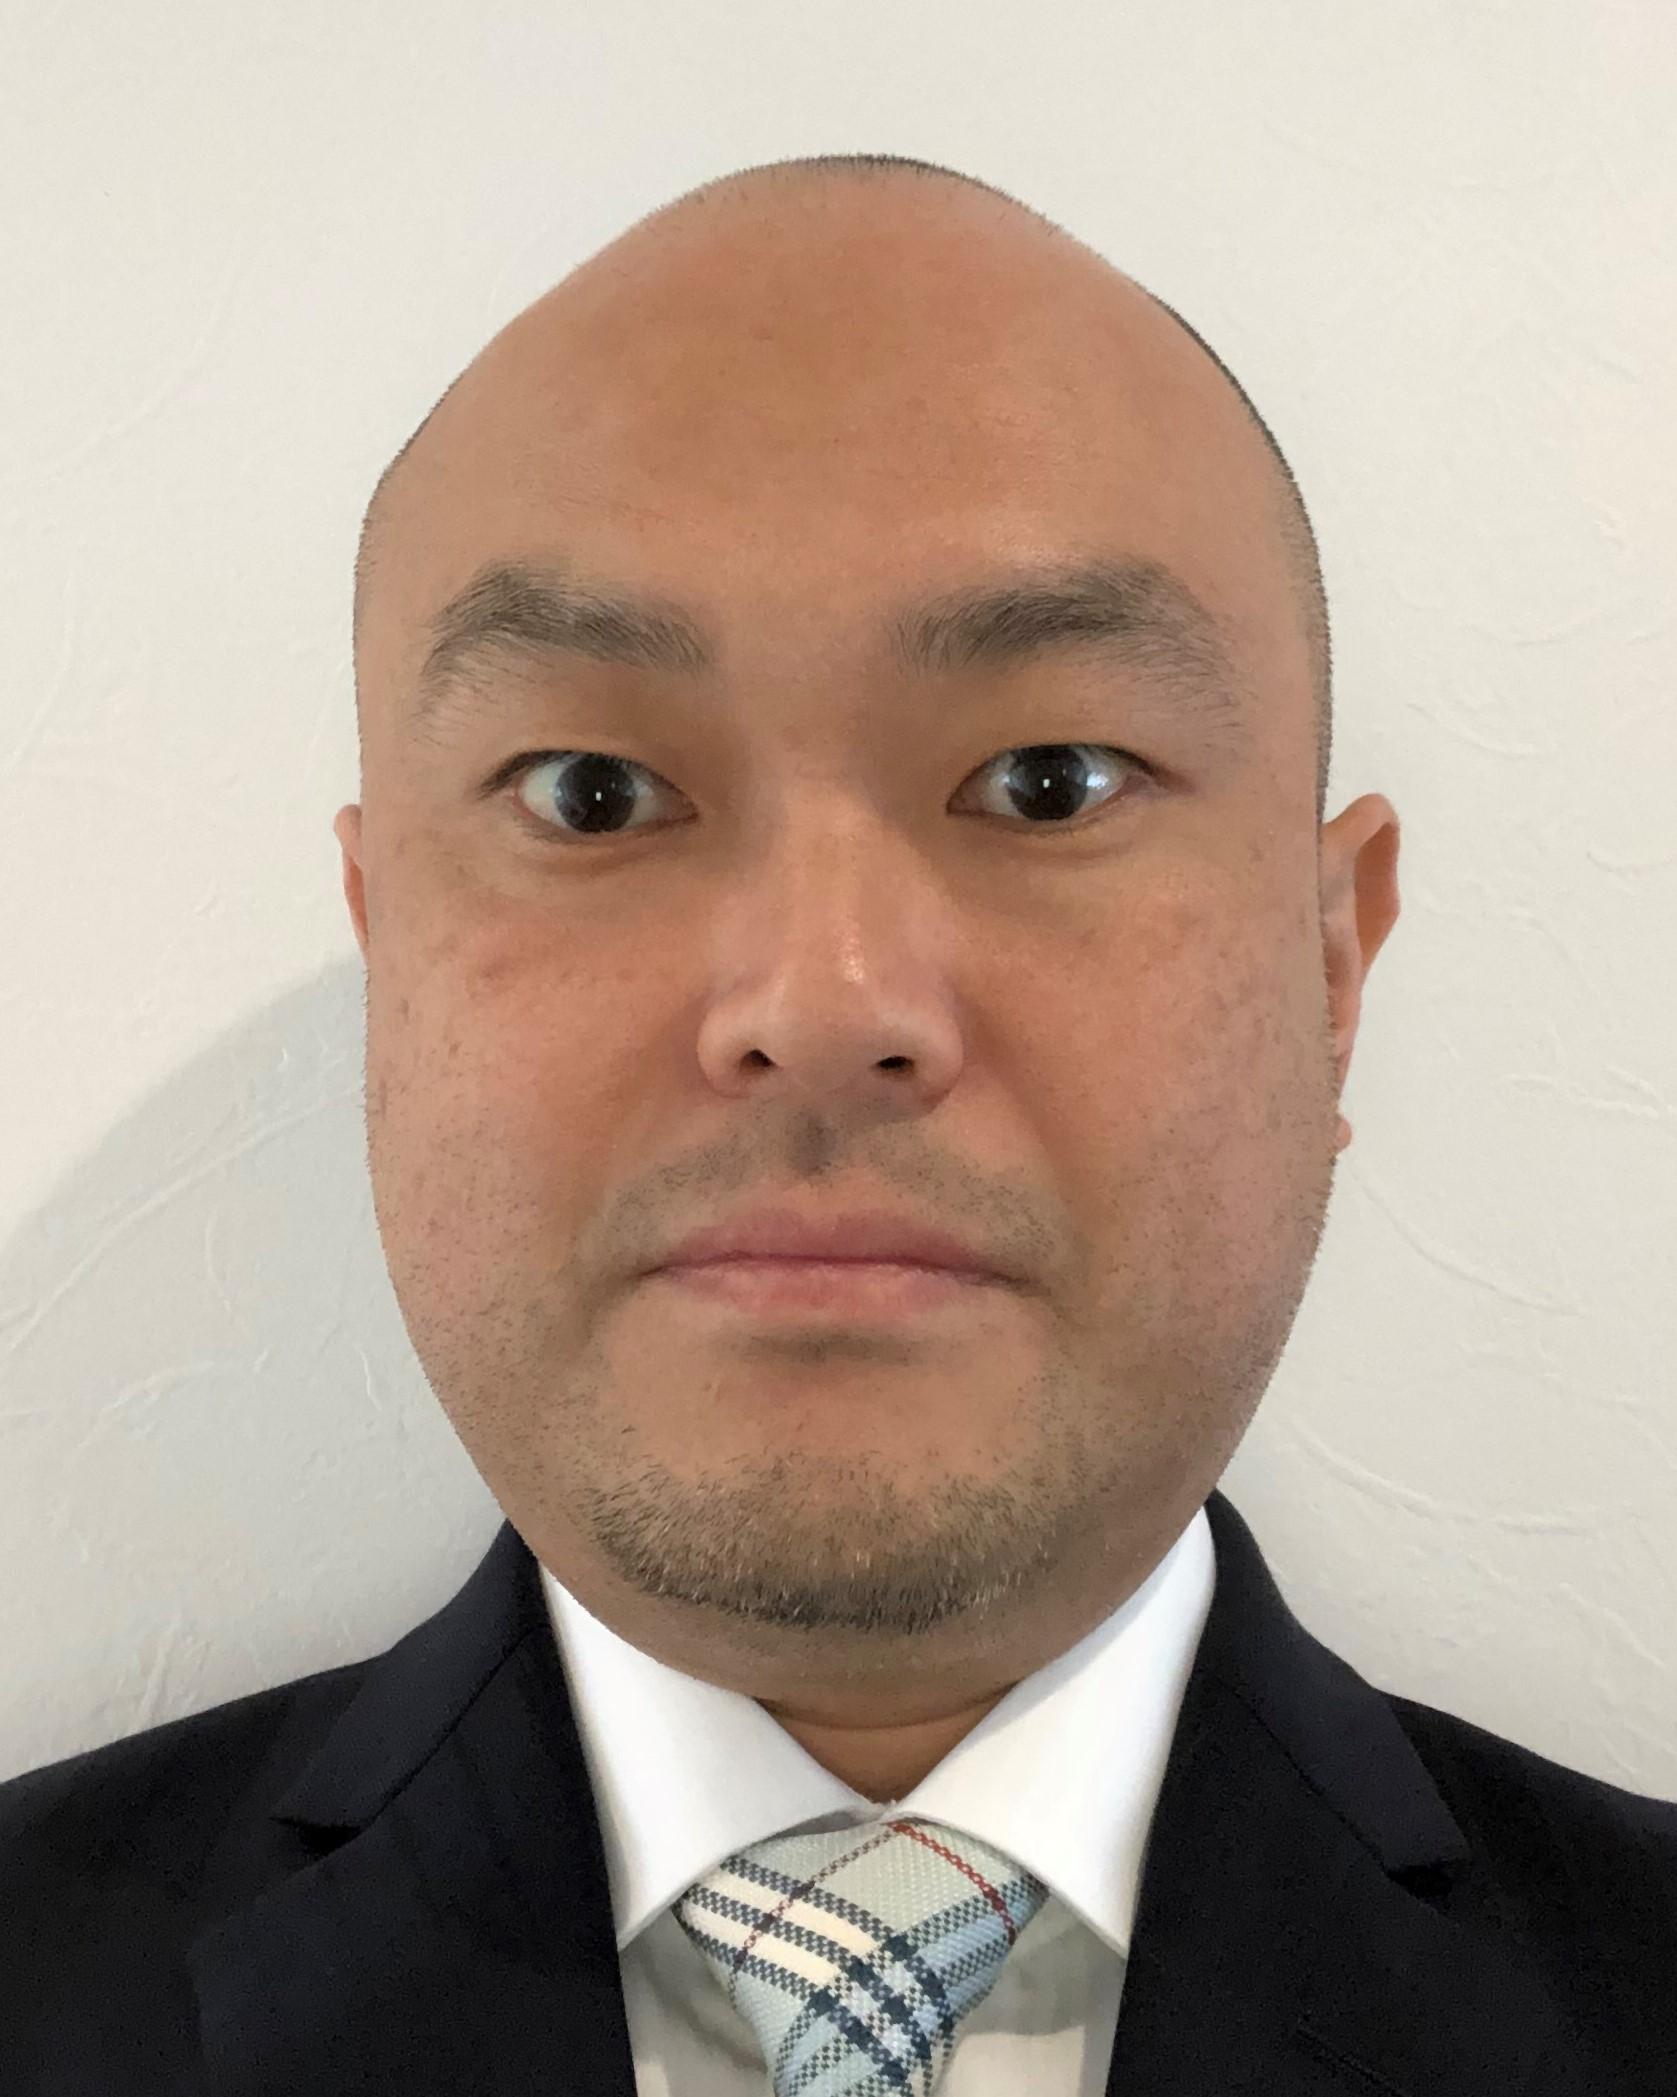 甲賀 章二朗氏